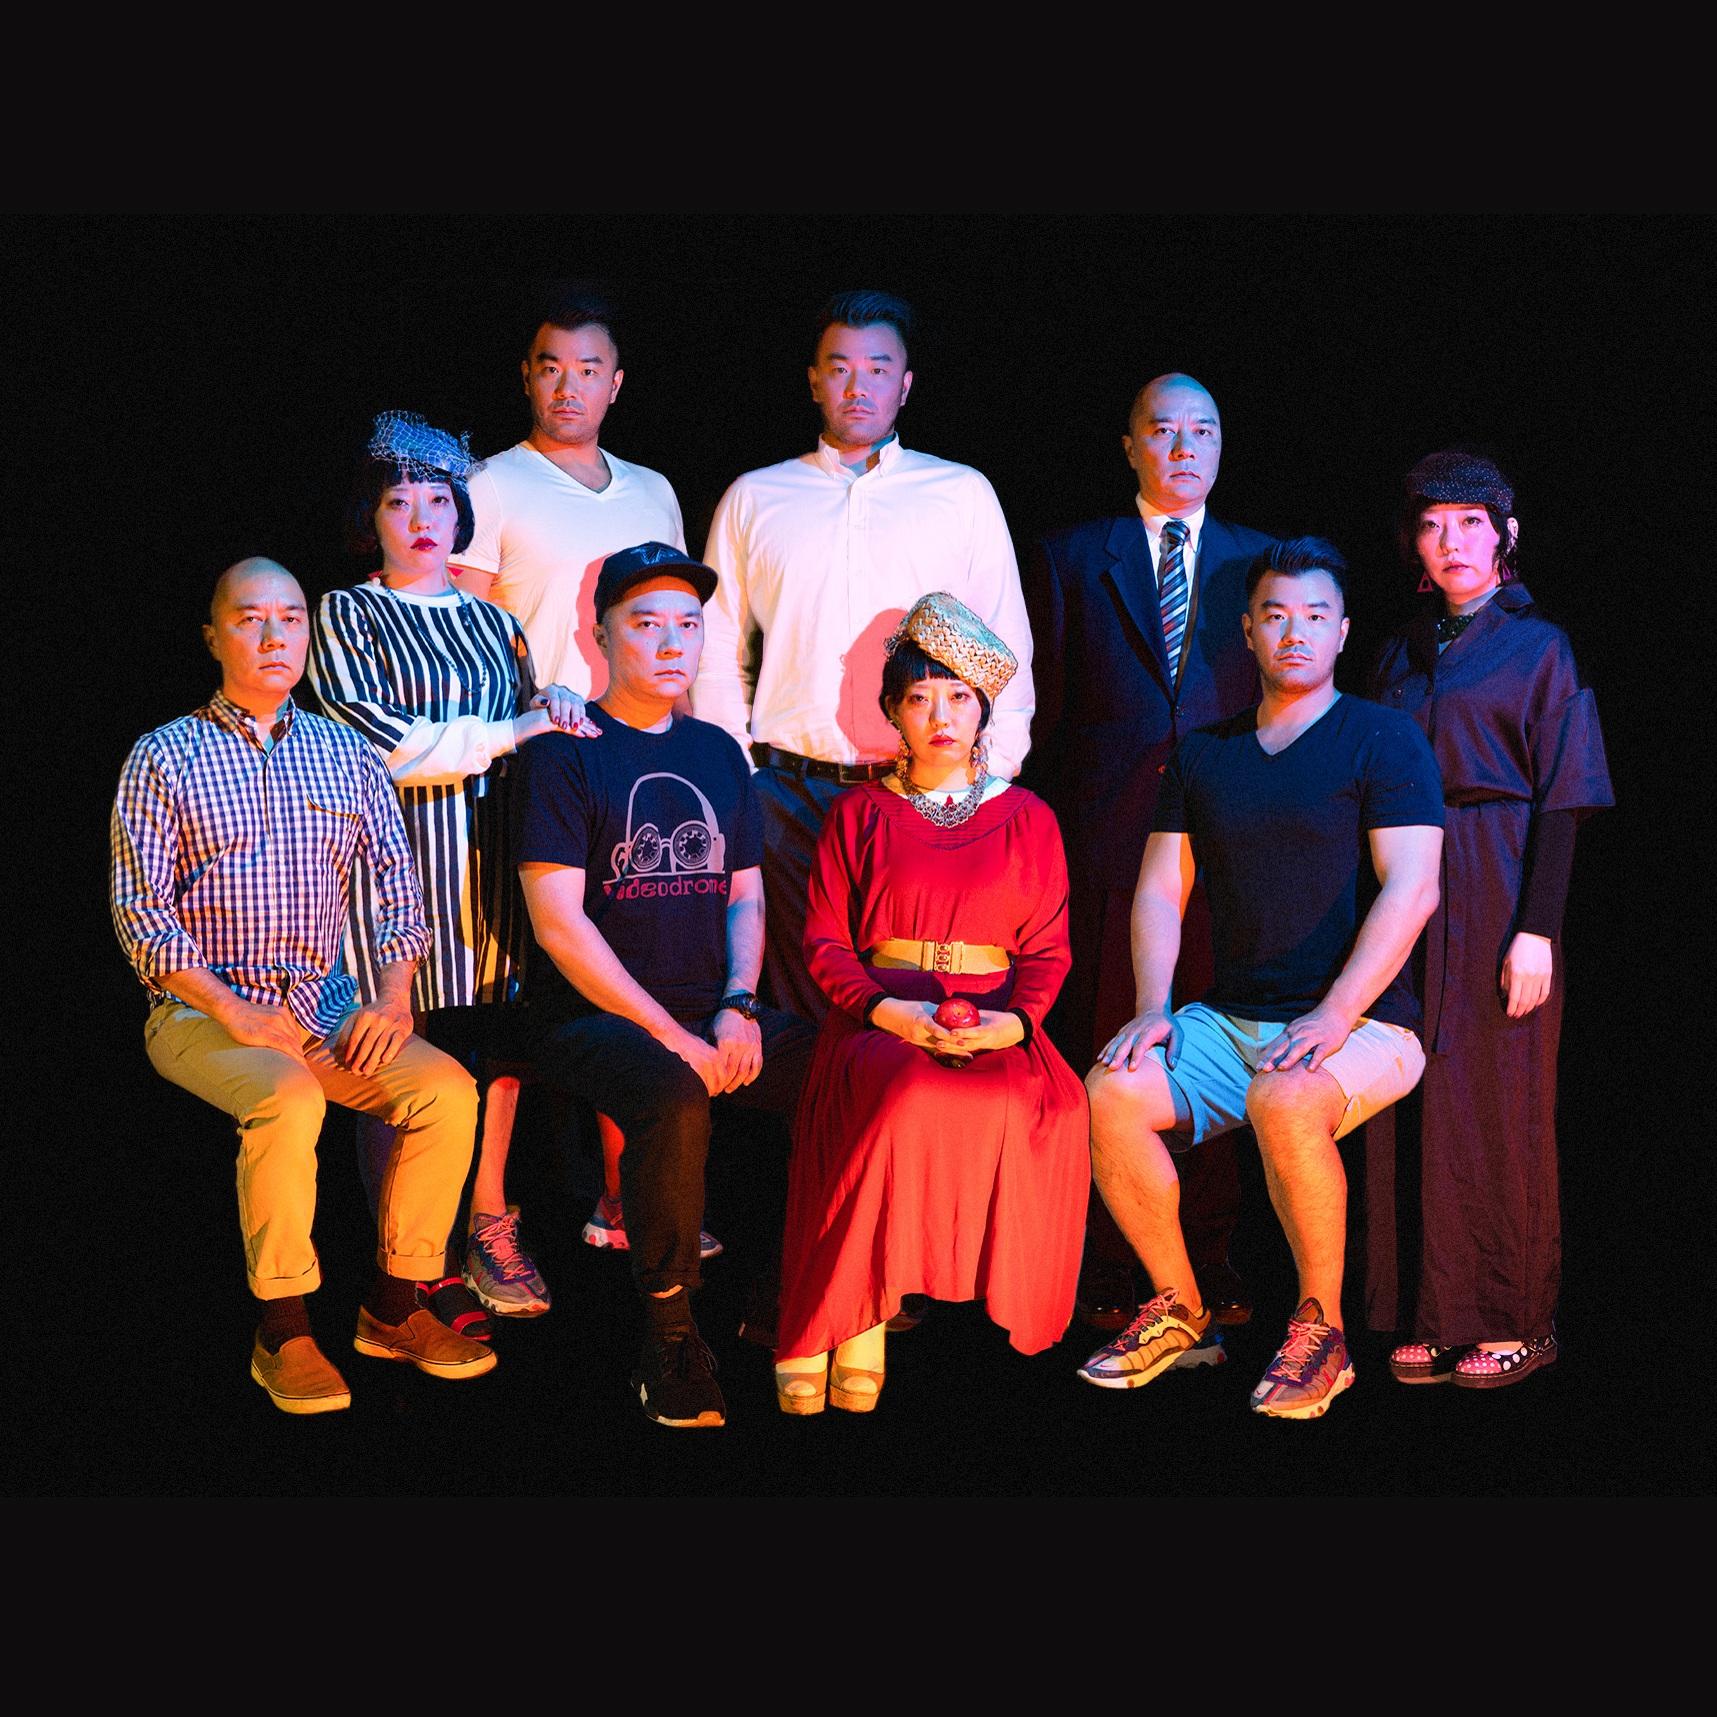 Cedrics_ft_Kudo_Kamome_family_portrait.jpg